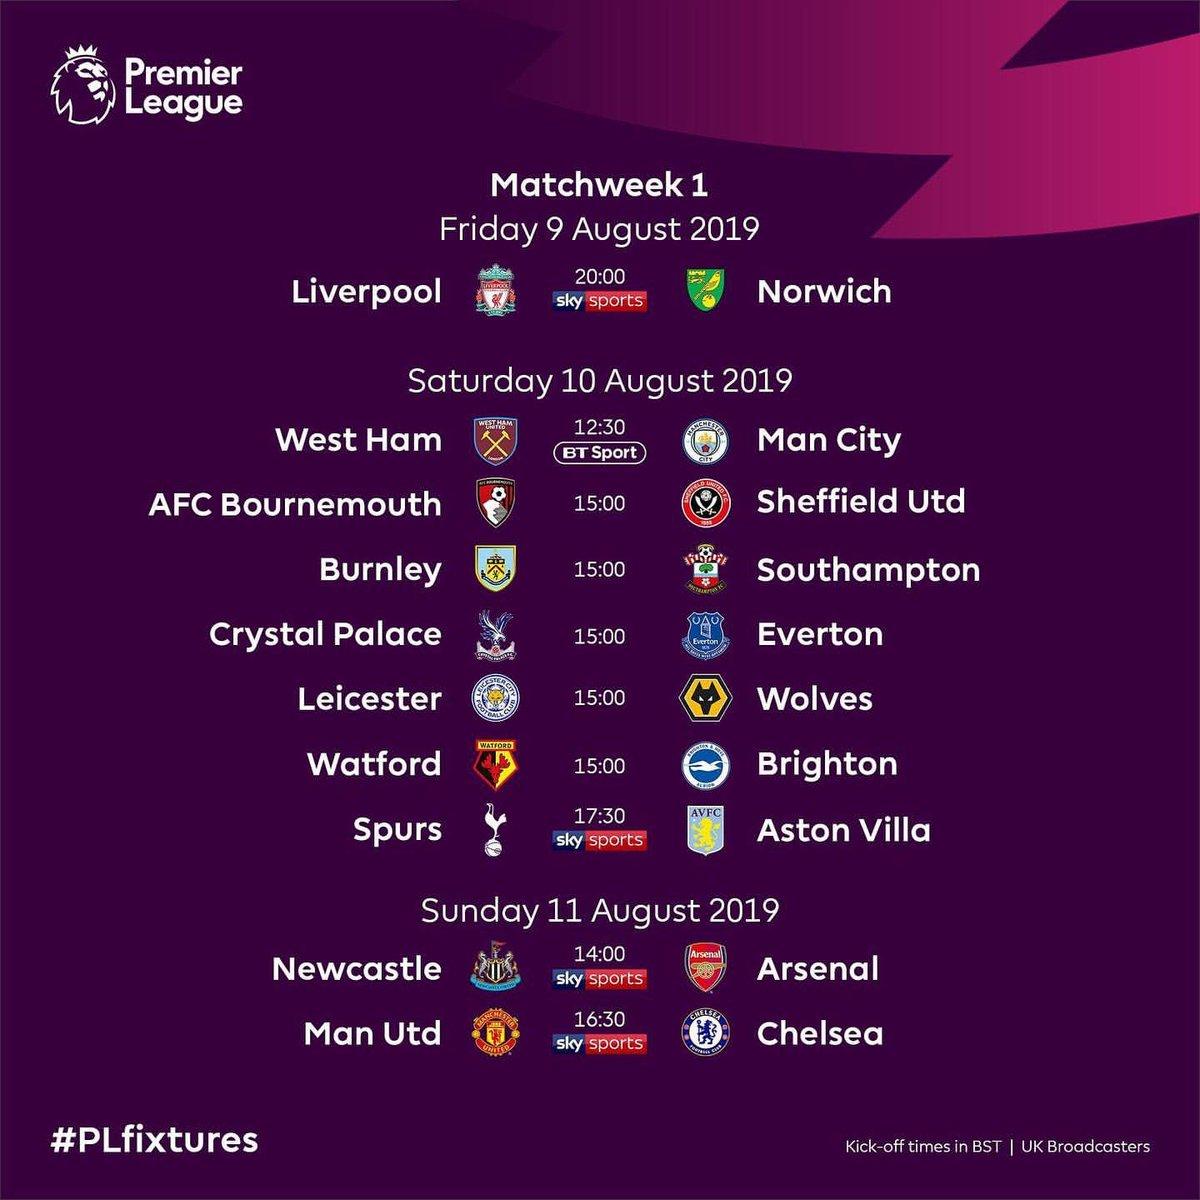 Opening day Premier League fixtures for the 2019/20 season #PLfixtures @premierleague